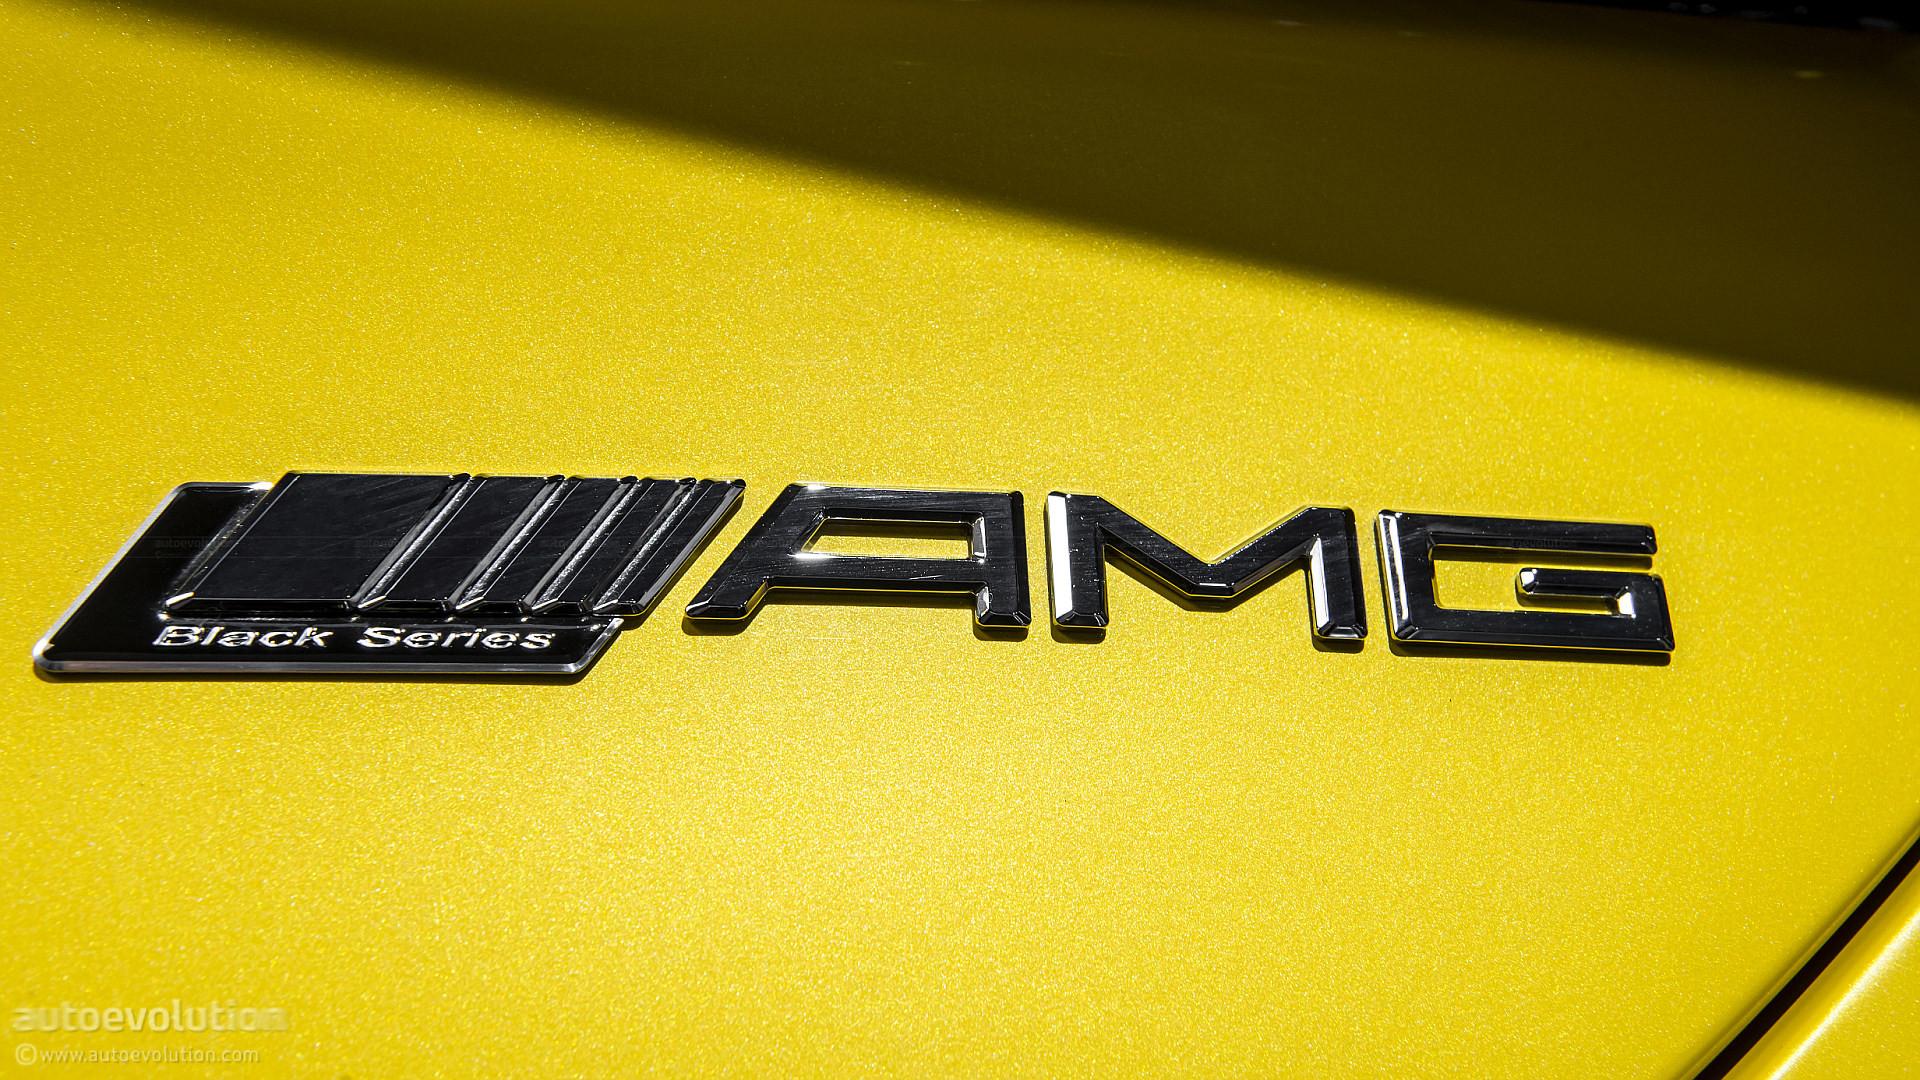 … 2014 Mercedes Benz SLS AMG Black Series …